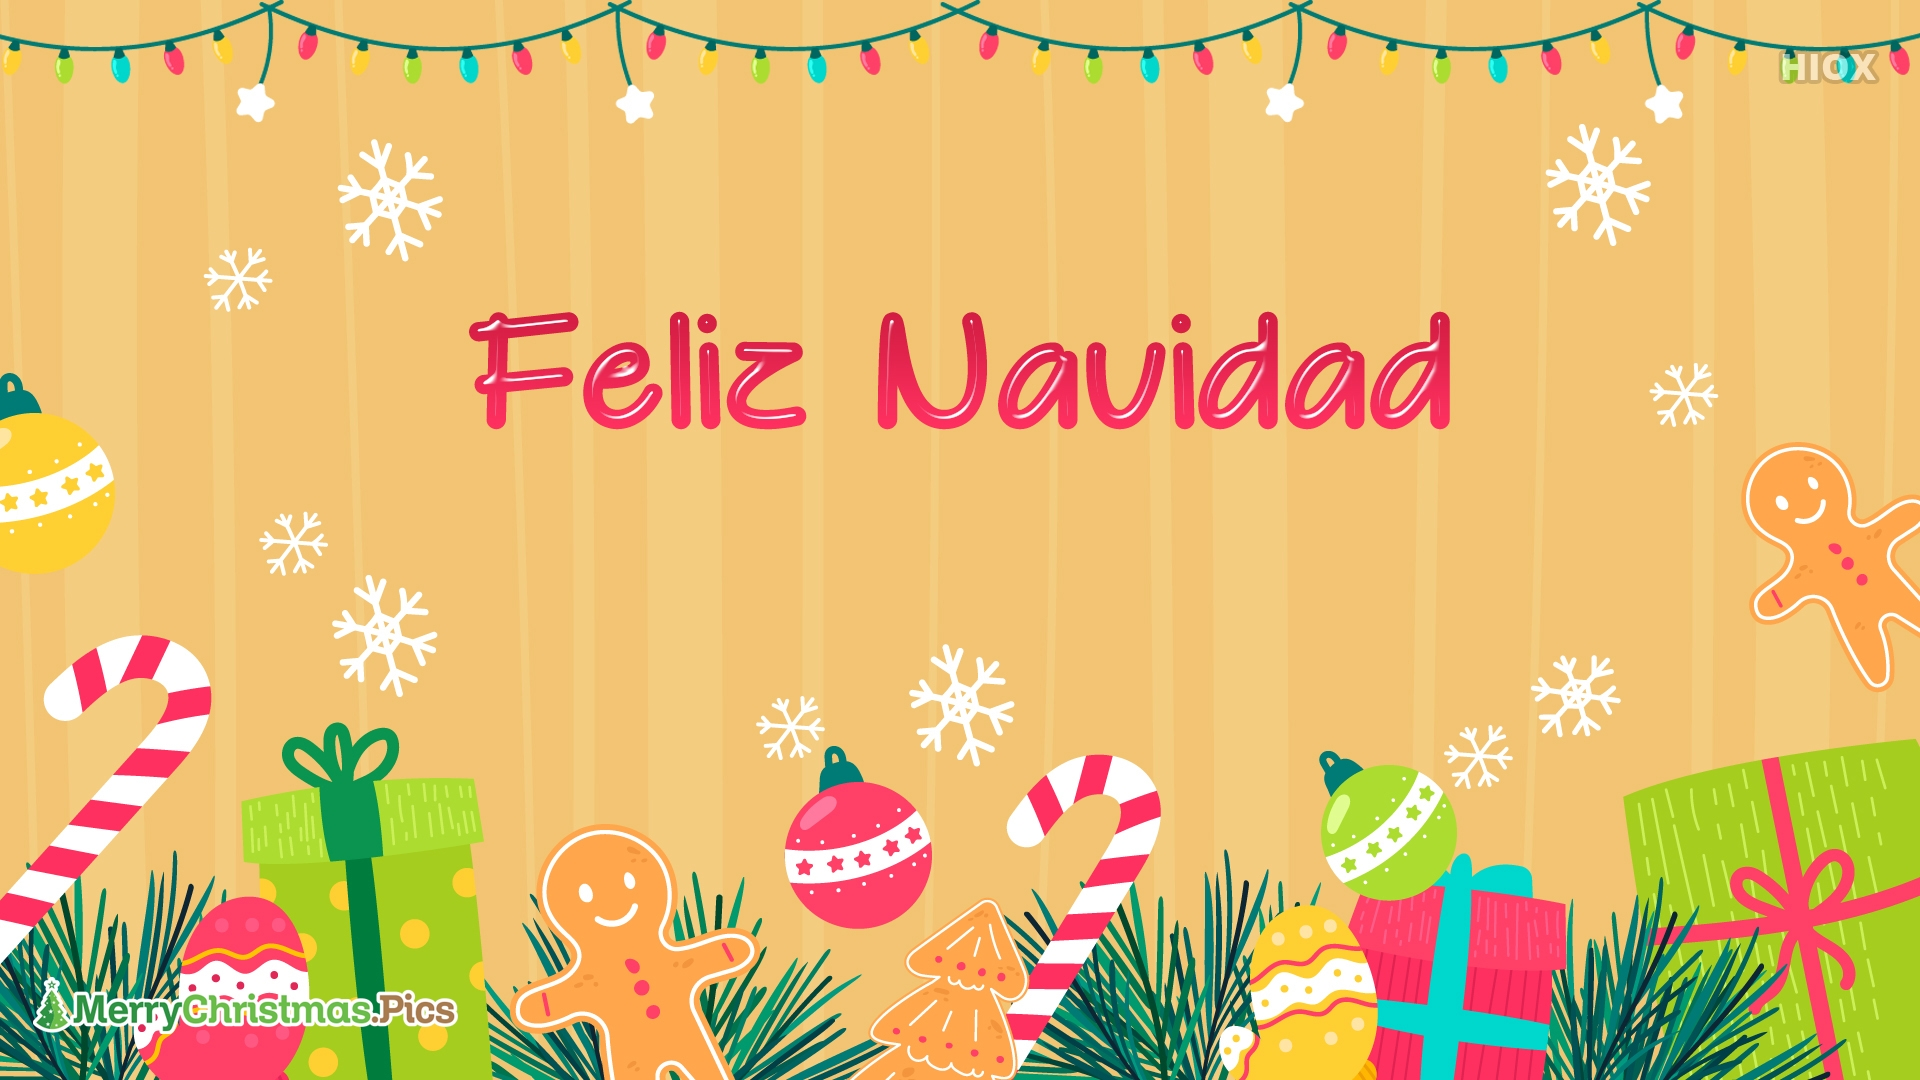 Feliz Navidad Desea A Amigos